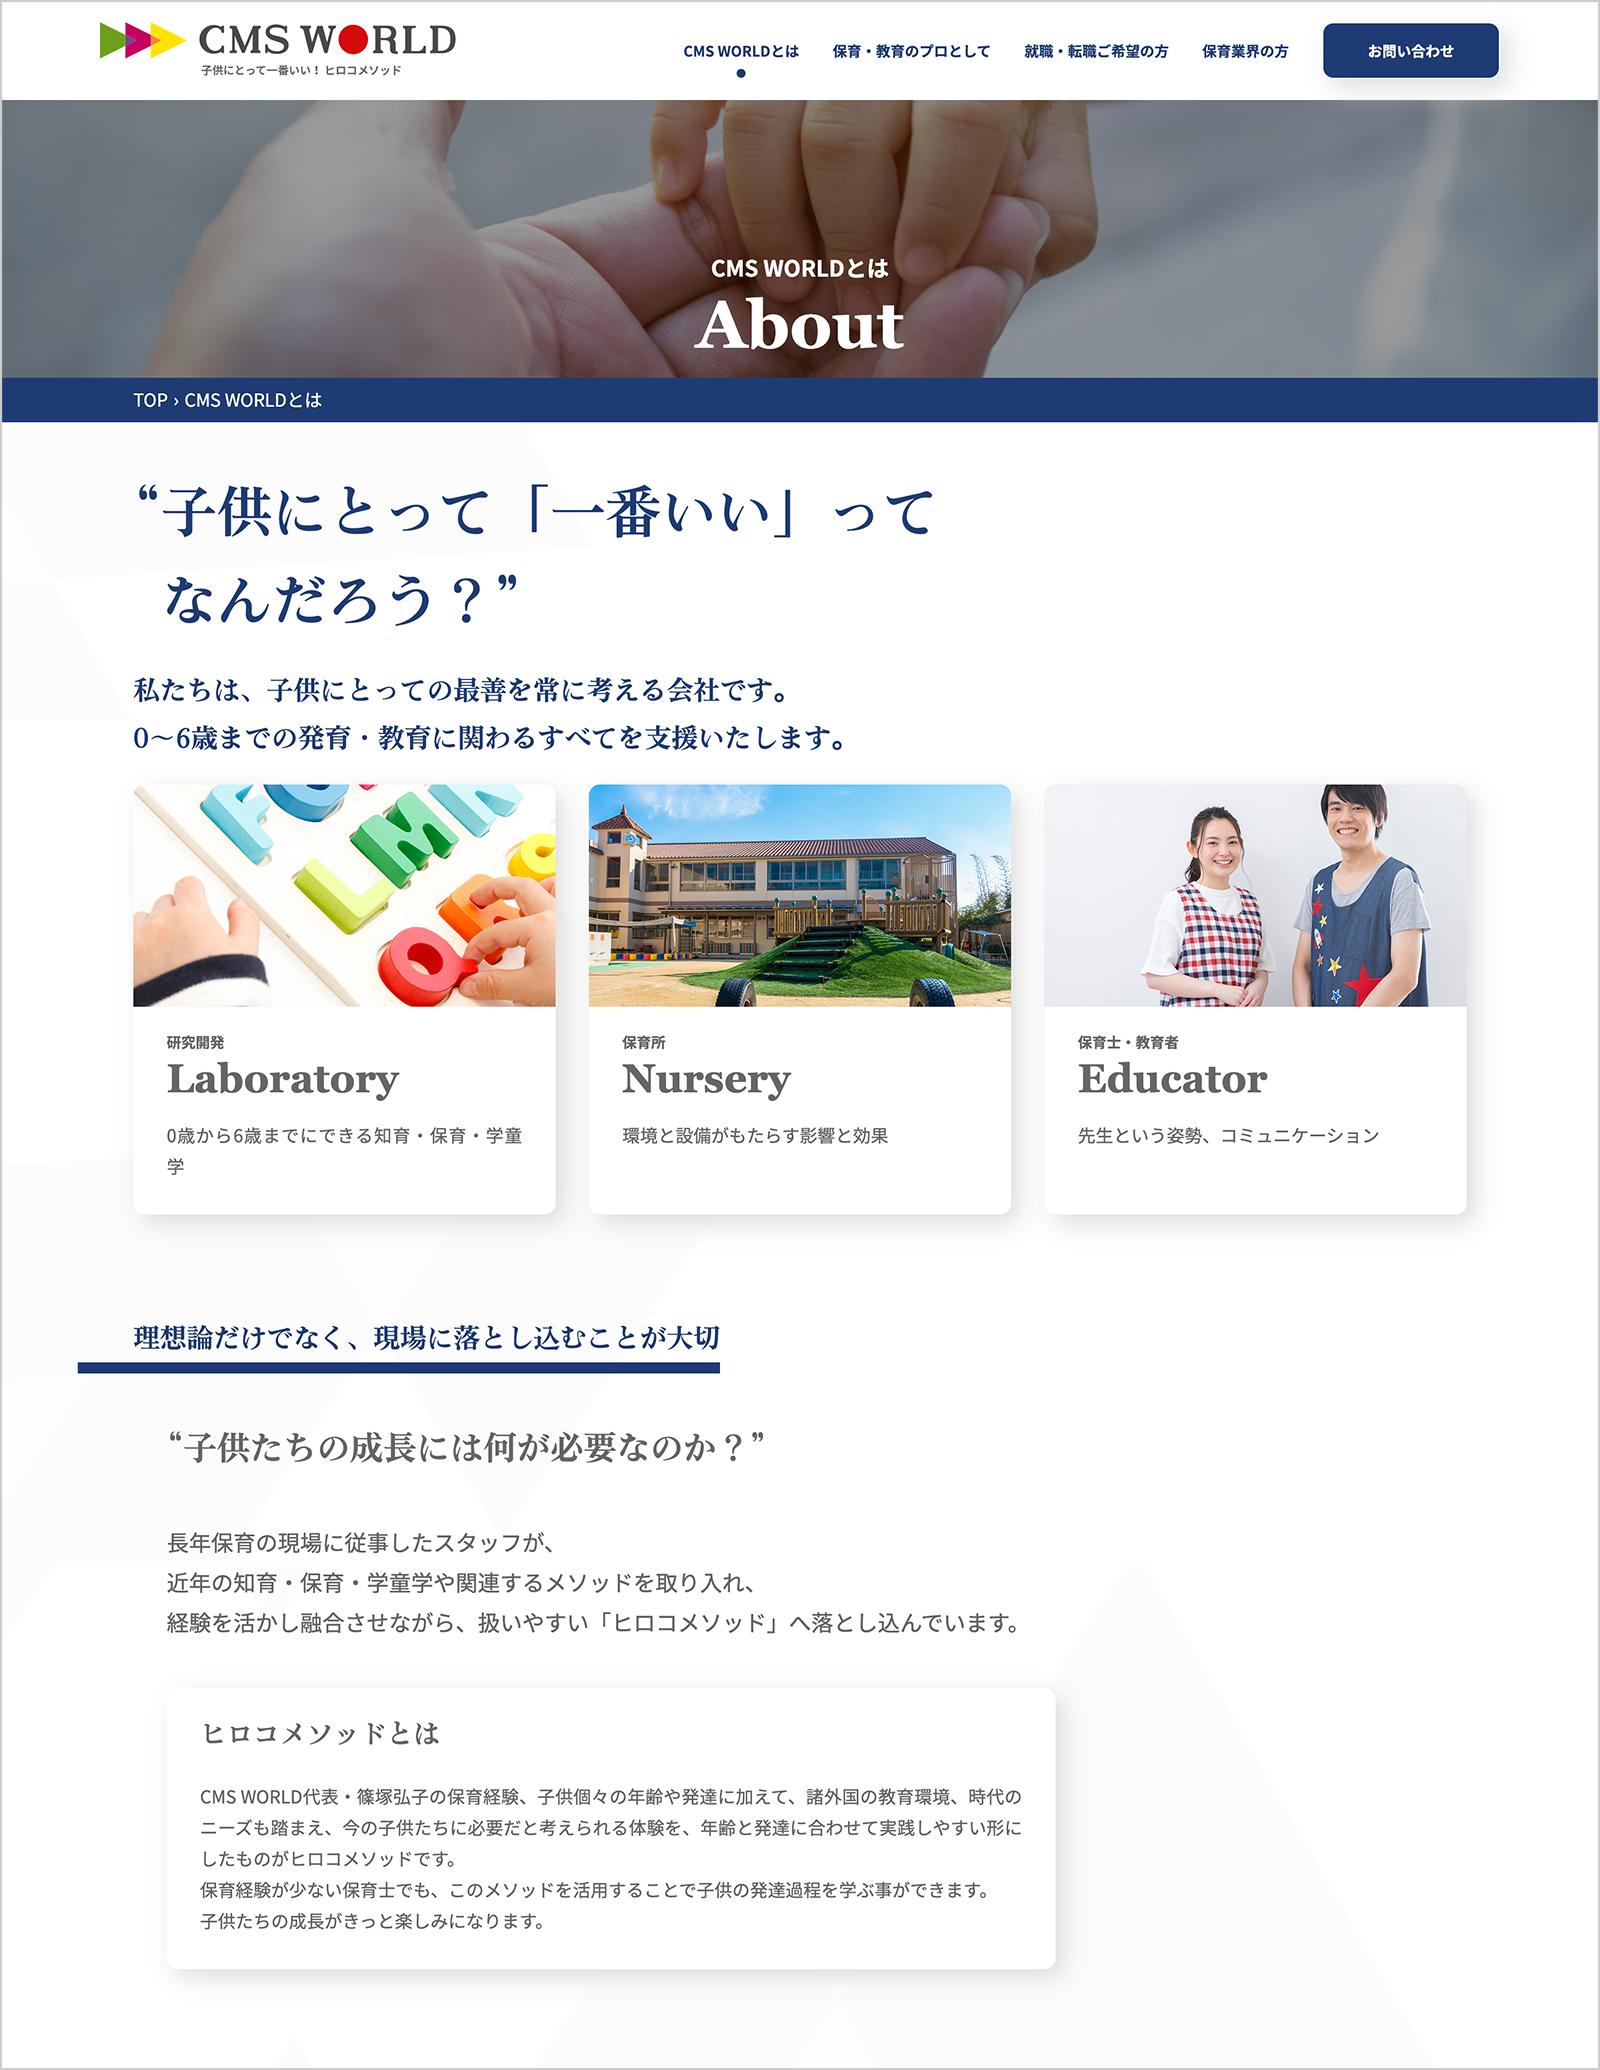 CMS WORLD企業サイト CMS WORLDとは